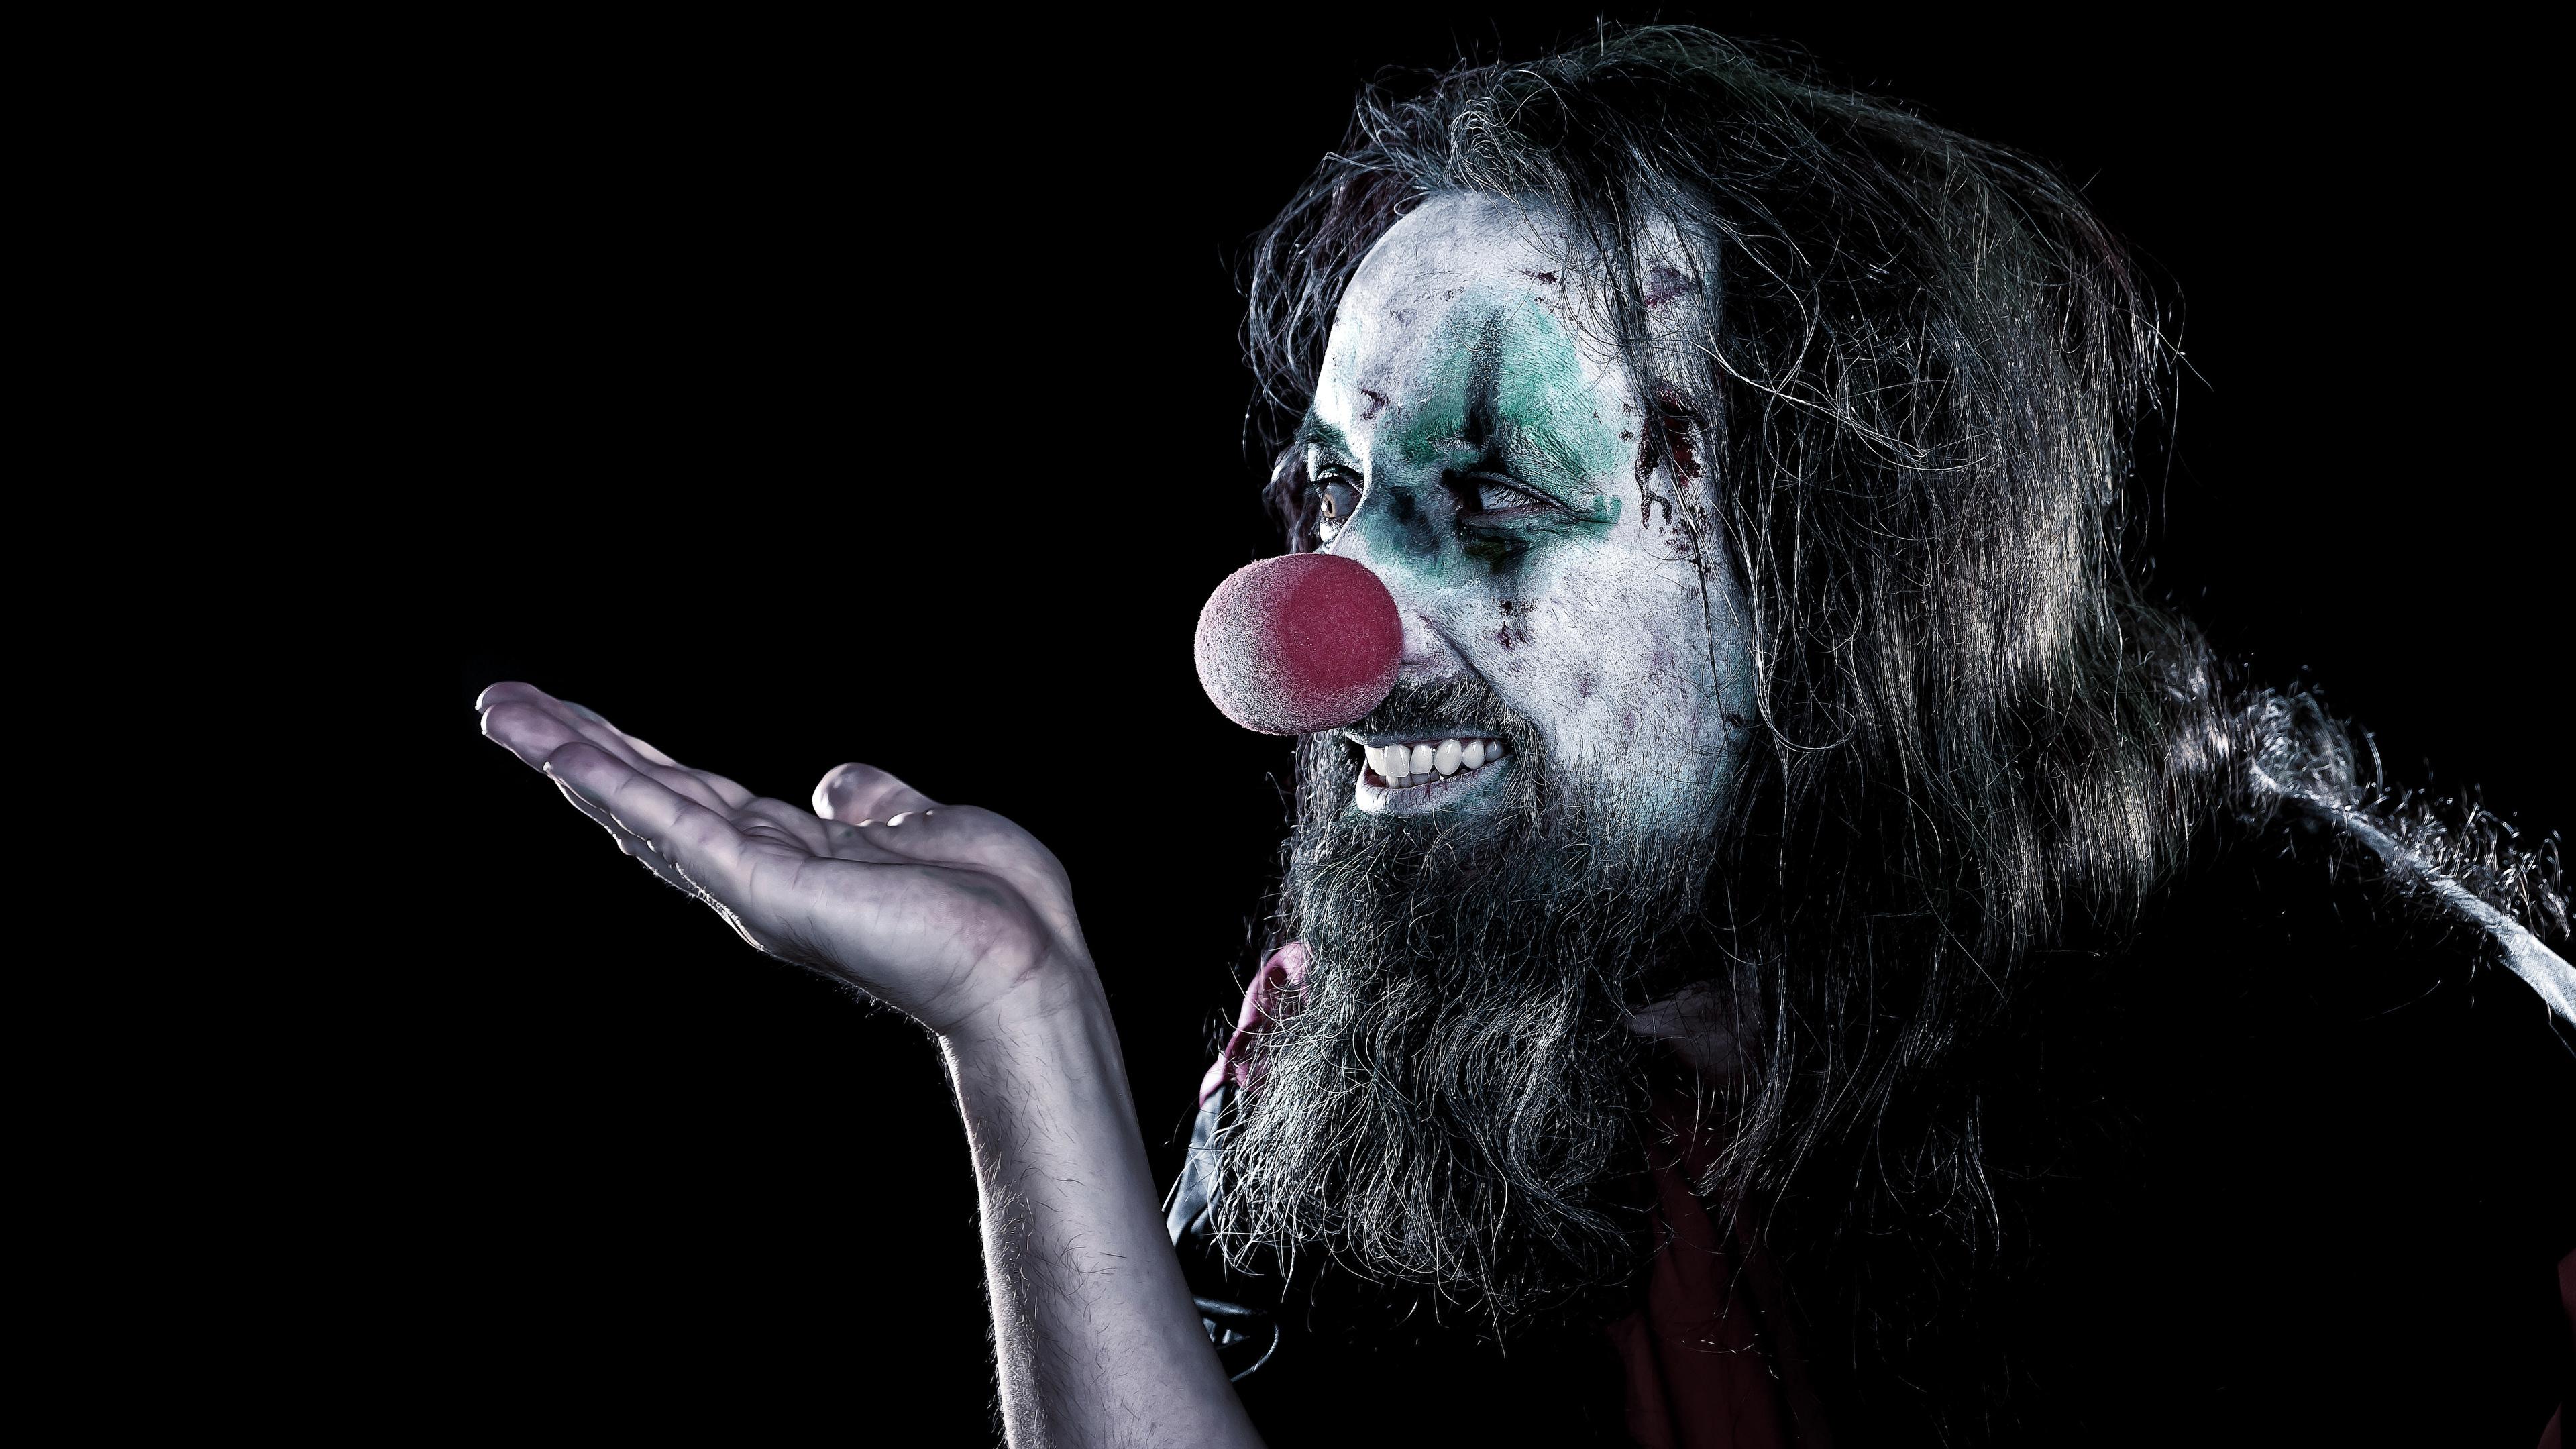 Фотографии Мужчины мейкап клоуны бородатые Руки Черный фон 3840x2160 Макияж косметика на лице Клоун клоуна Борода бородой бородатый рука на черном фоне